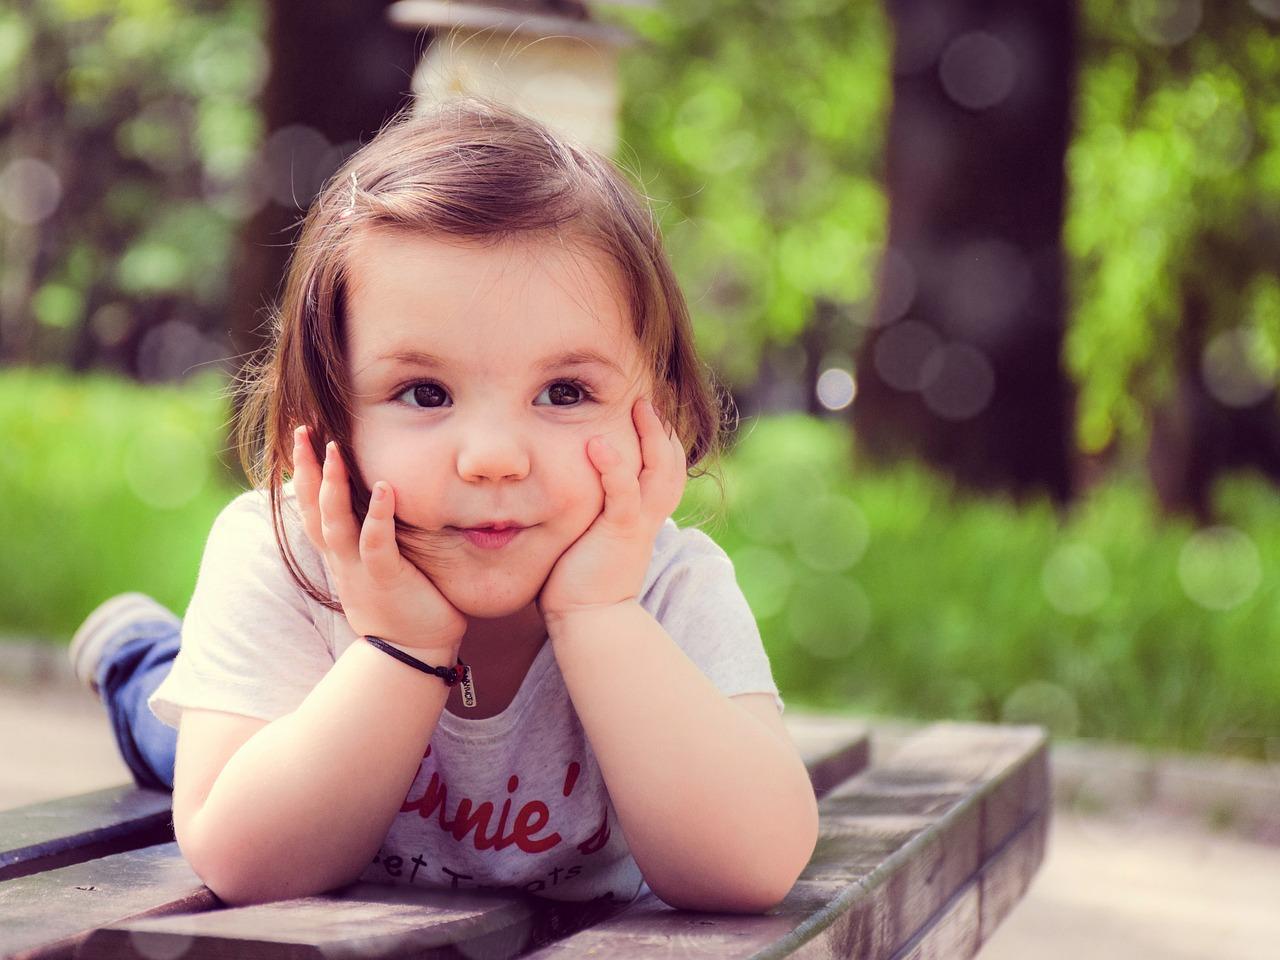 幼稚園の【未就園児プレ保育】面接を受ける時の服装や成功の秘訣まで